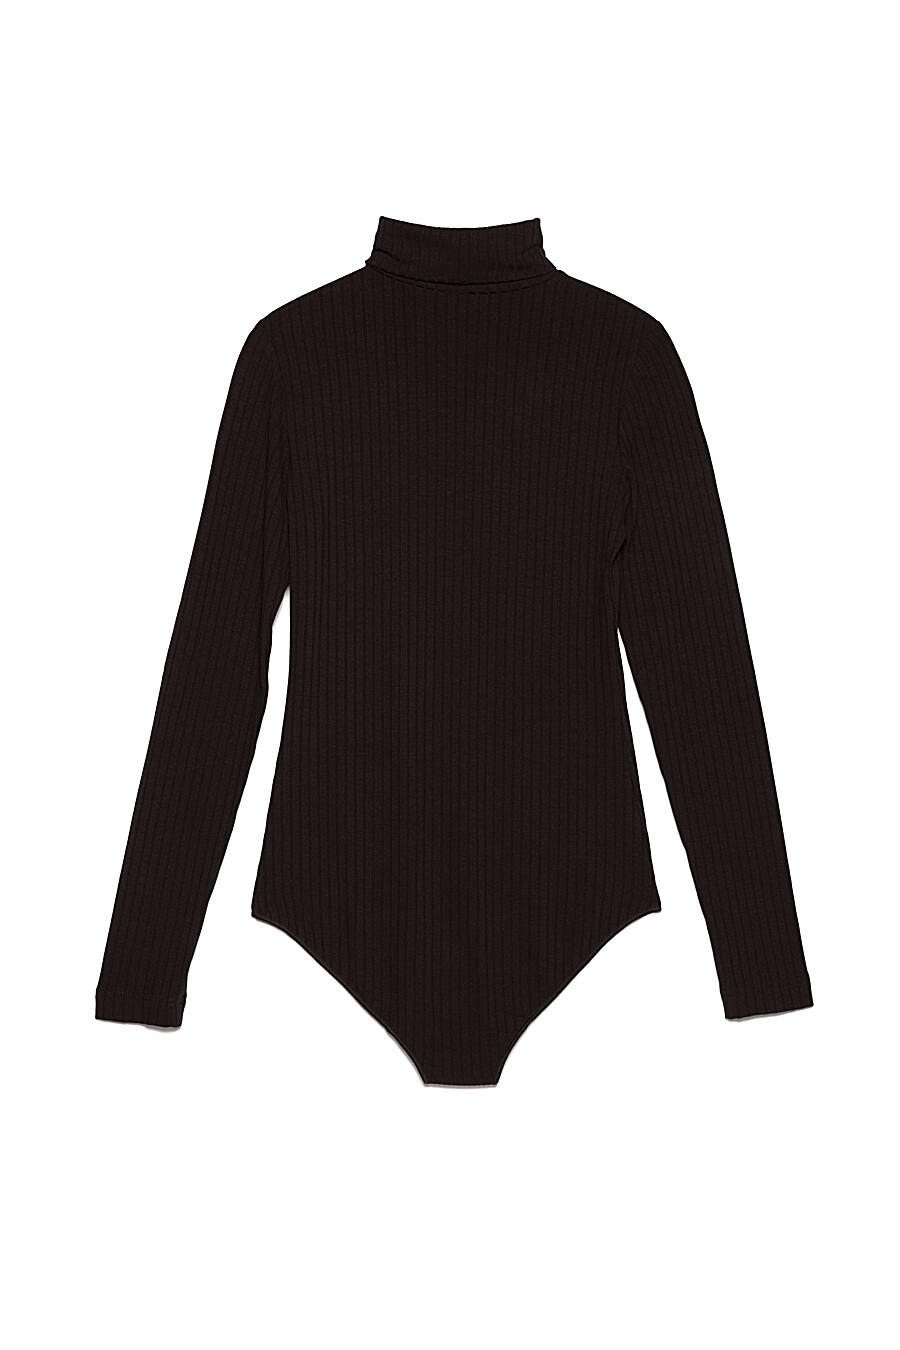 Боди для женщин CONTE ELEGANT 148343 купить оптом от производителя. Совместная покупка женской одежды в OptMoyo